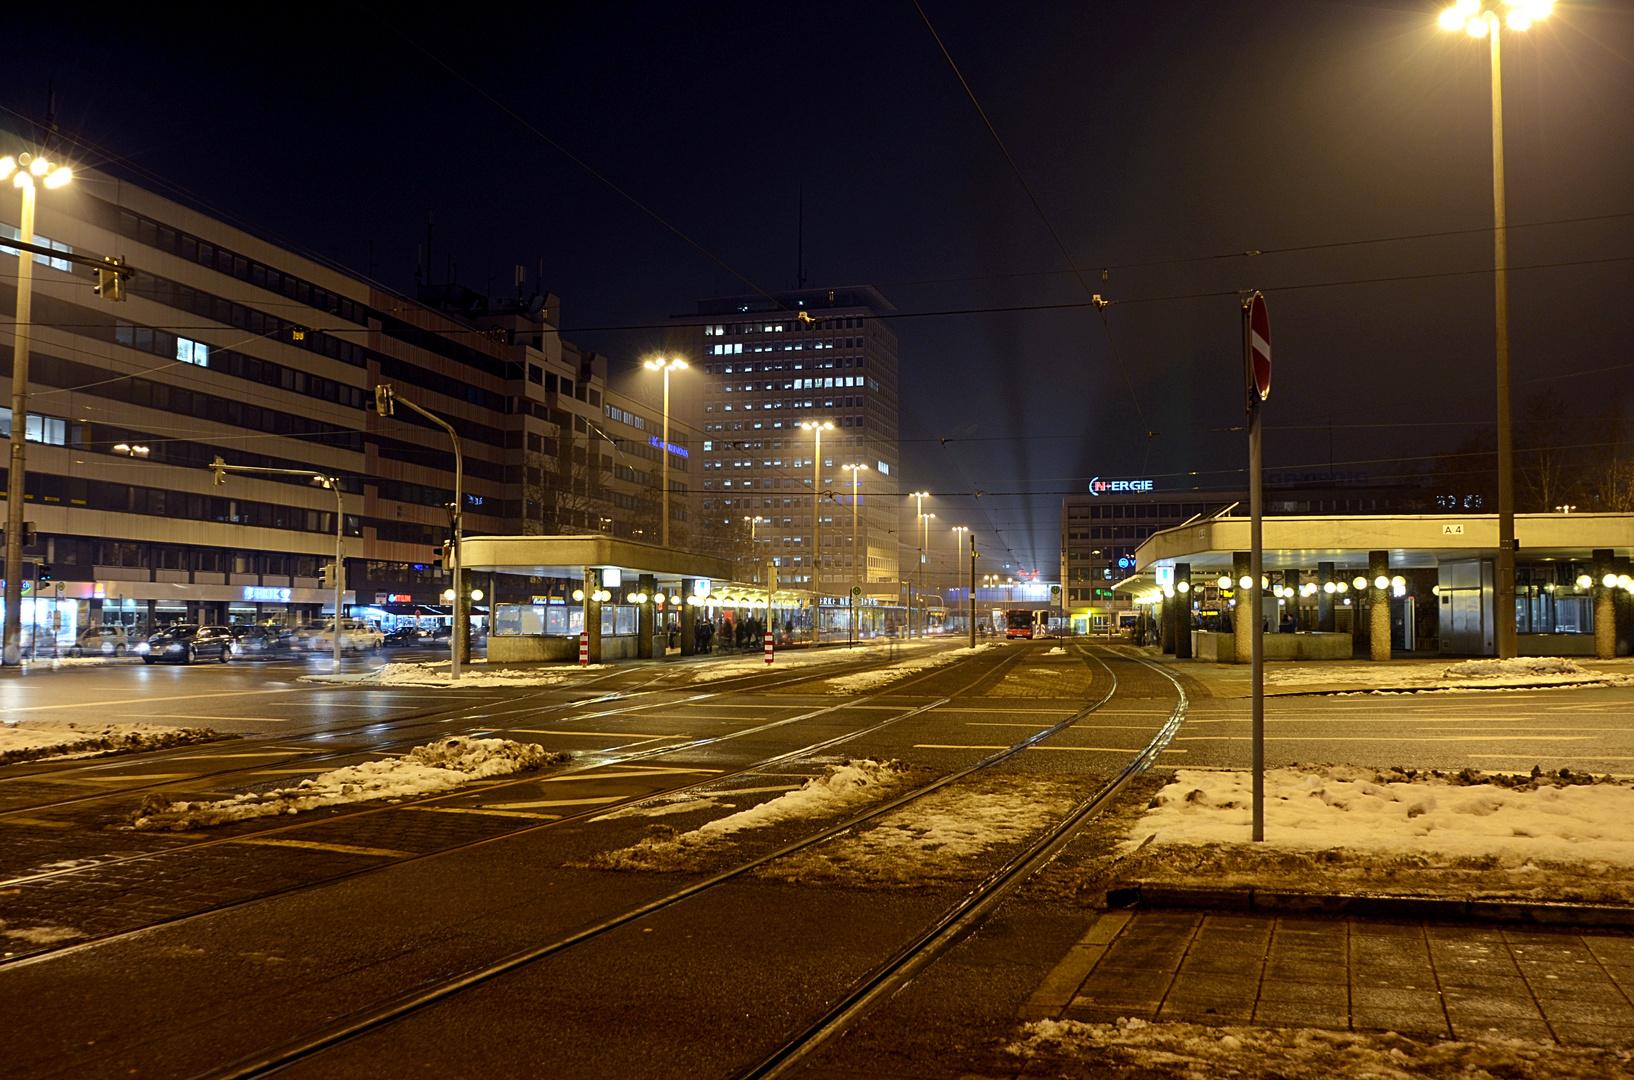 Nürnberg bei Nacht im Jahr 2013